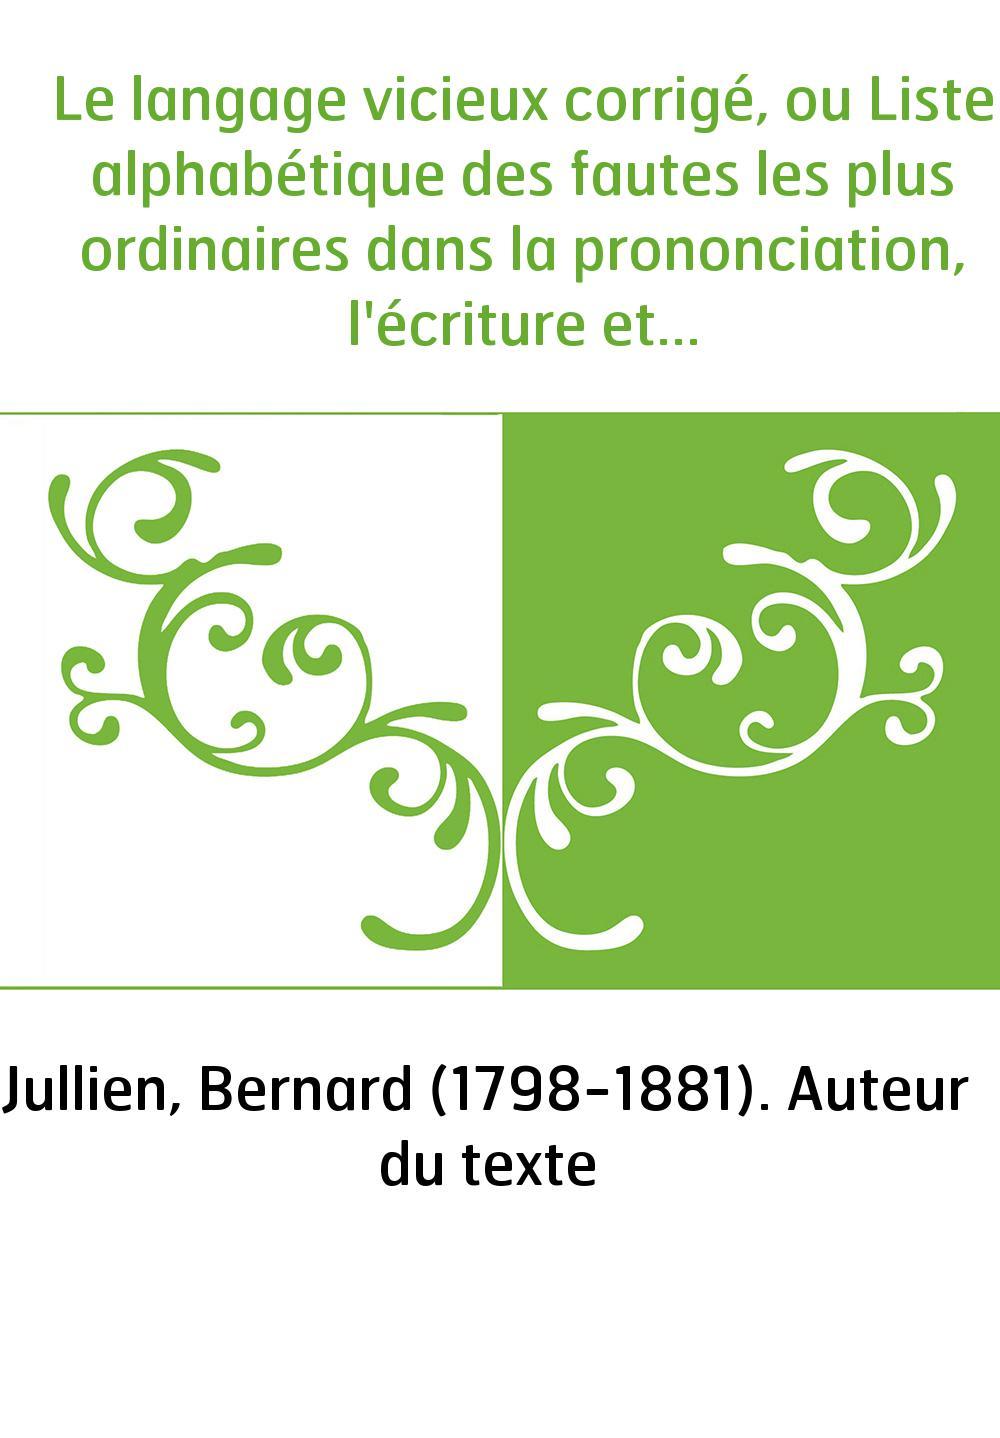 Le langage vicieux corrigé, ou Liste alphabétique des fautes les plus ordinaires dans la prononciation, l'écriture et la constru